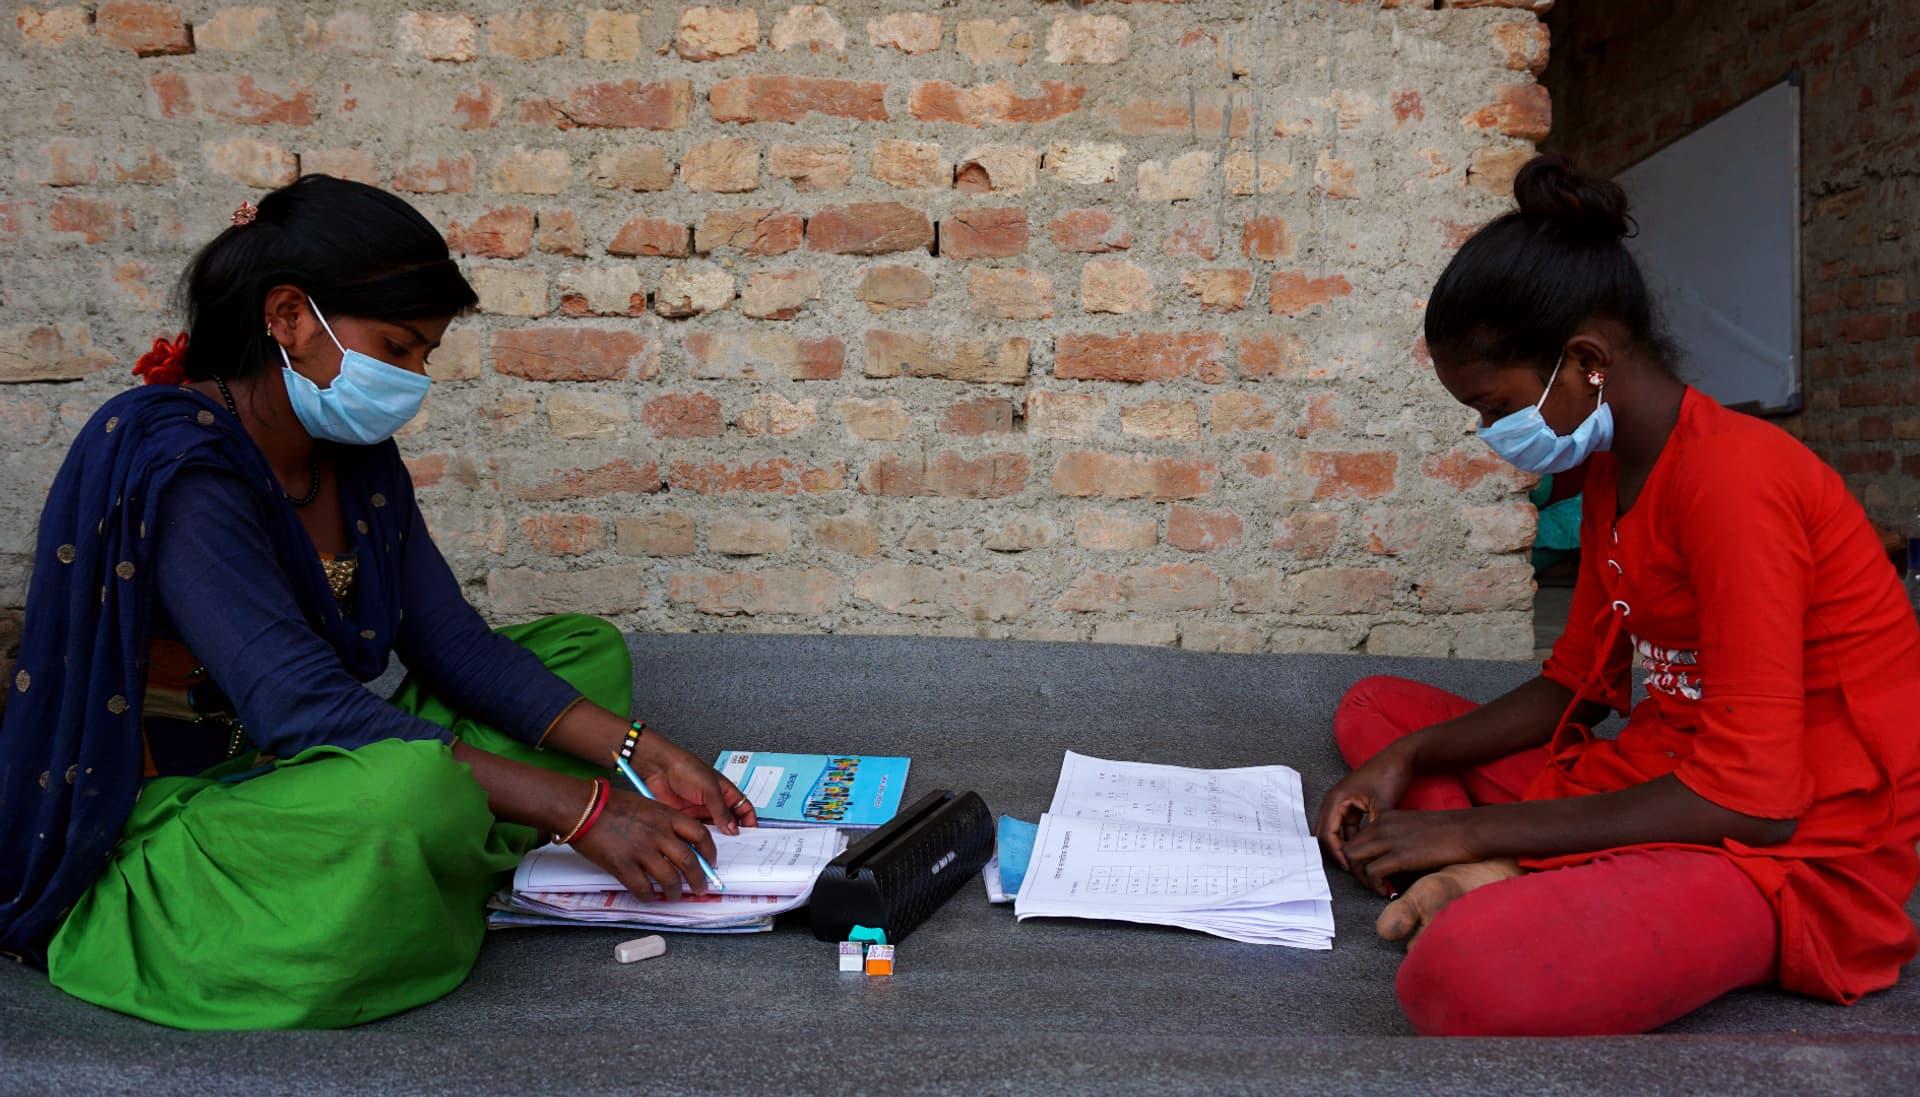 Zwei Mädchen sitzen auf dem Boden und lernen